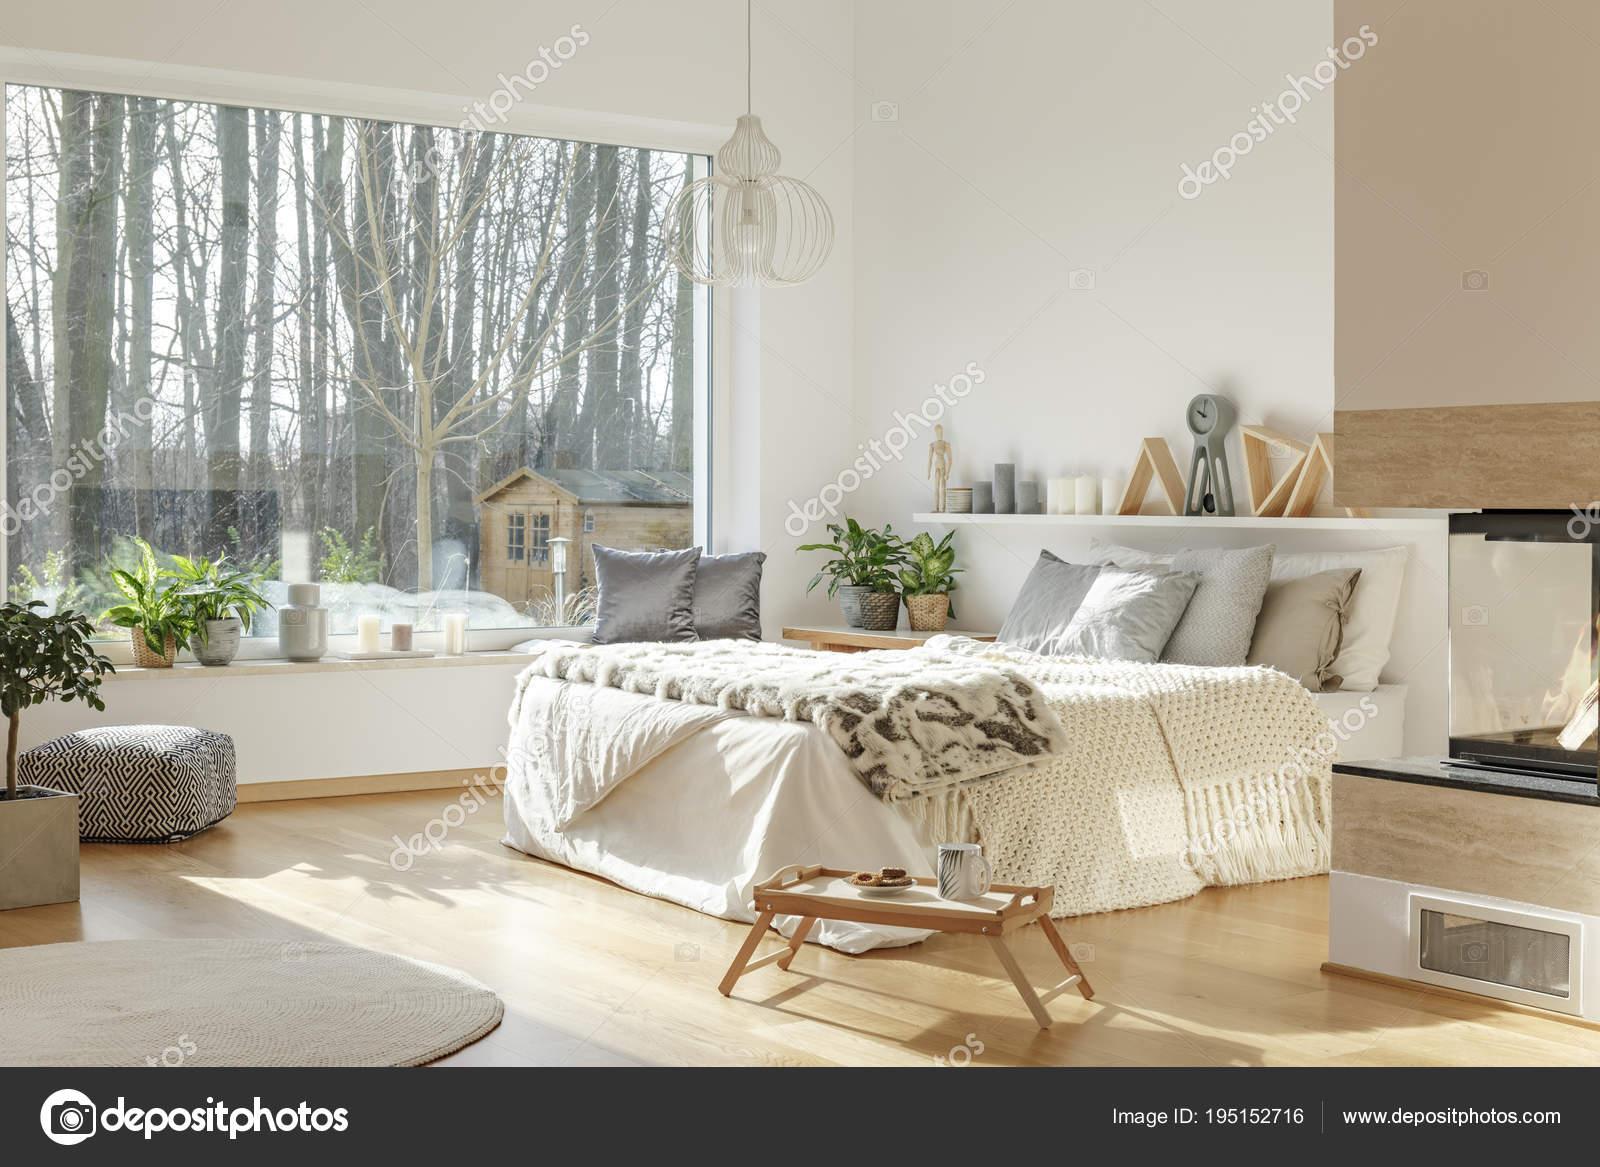 Liebenswert Schöne Einrichtung Ideen Von Gemütliches Hotel Innenraum Mit Einem Schönen Blick